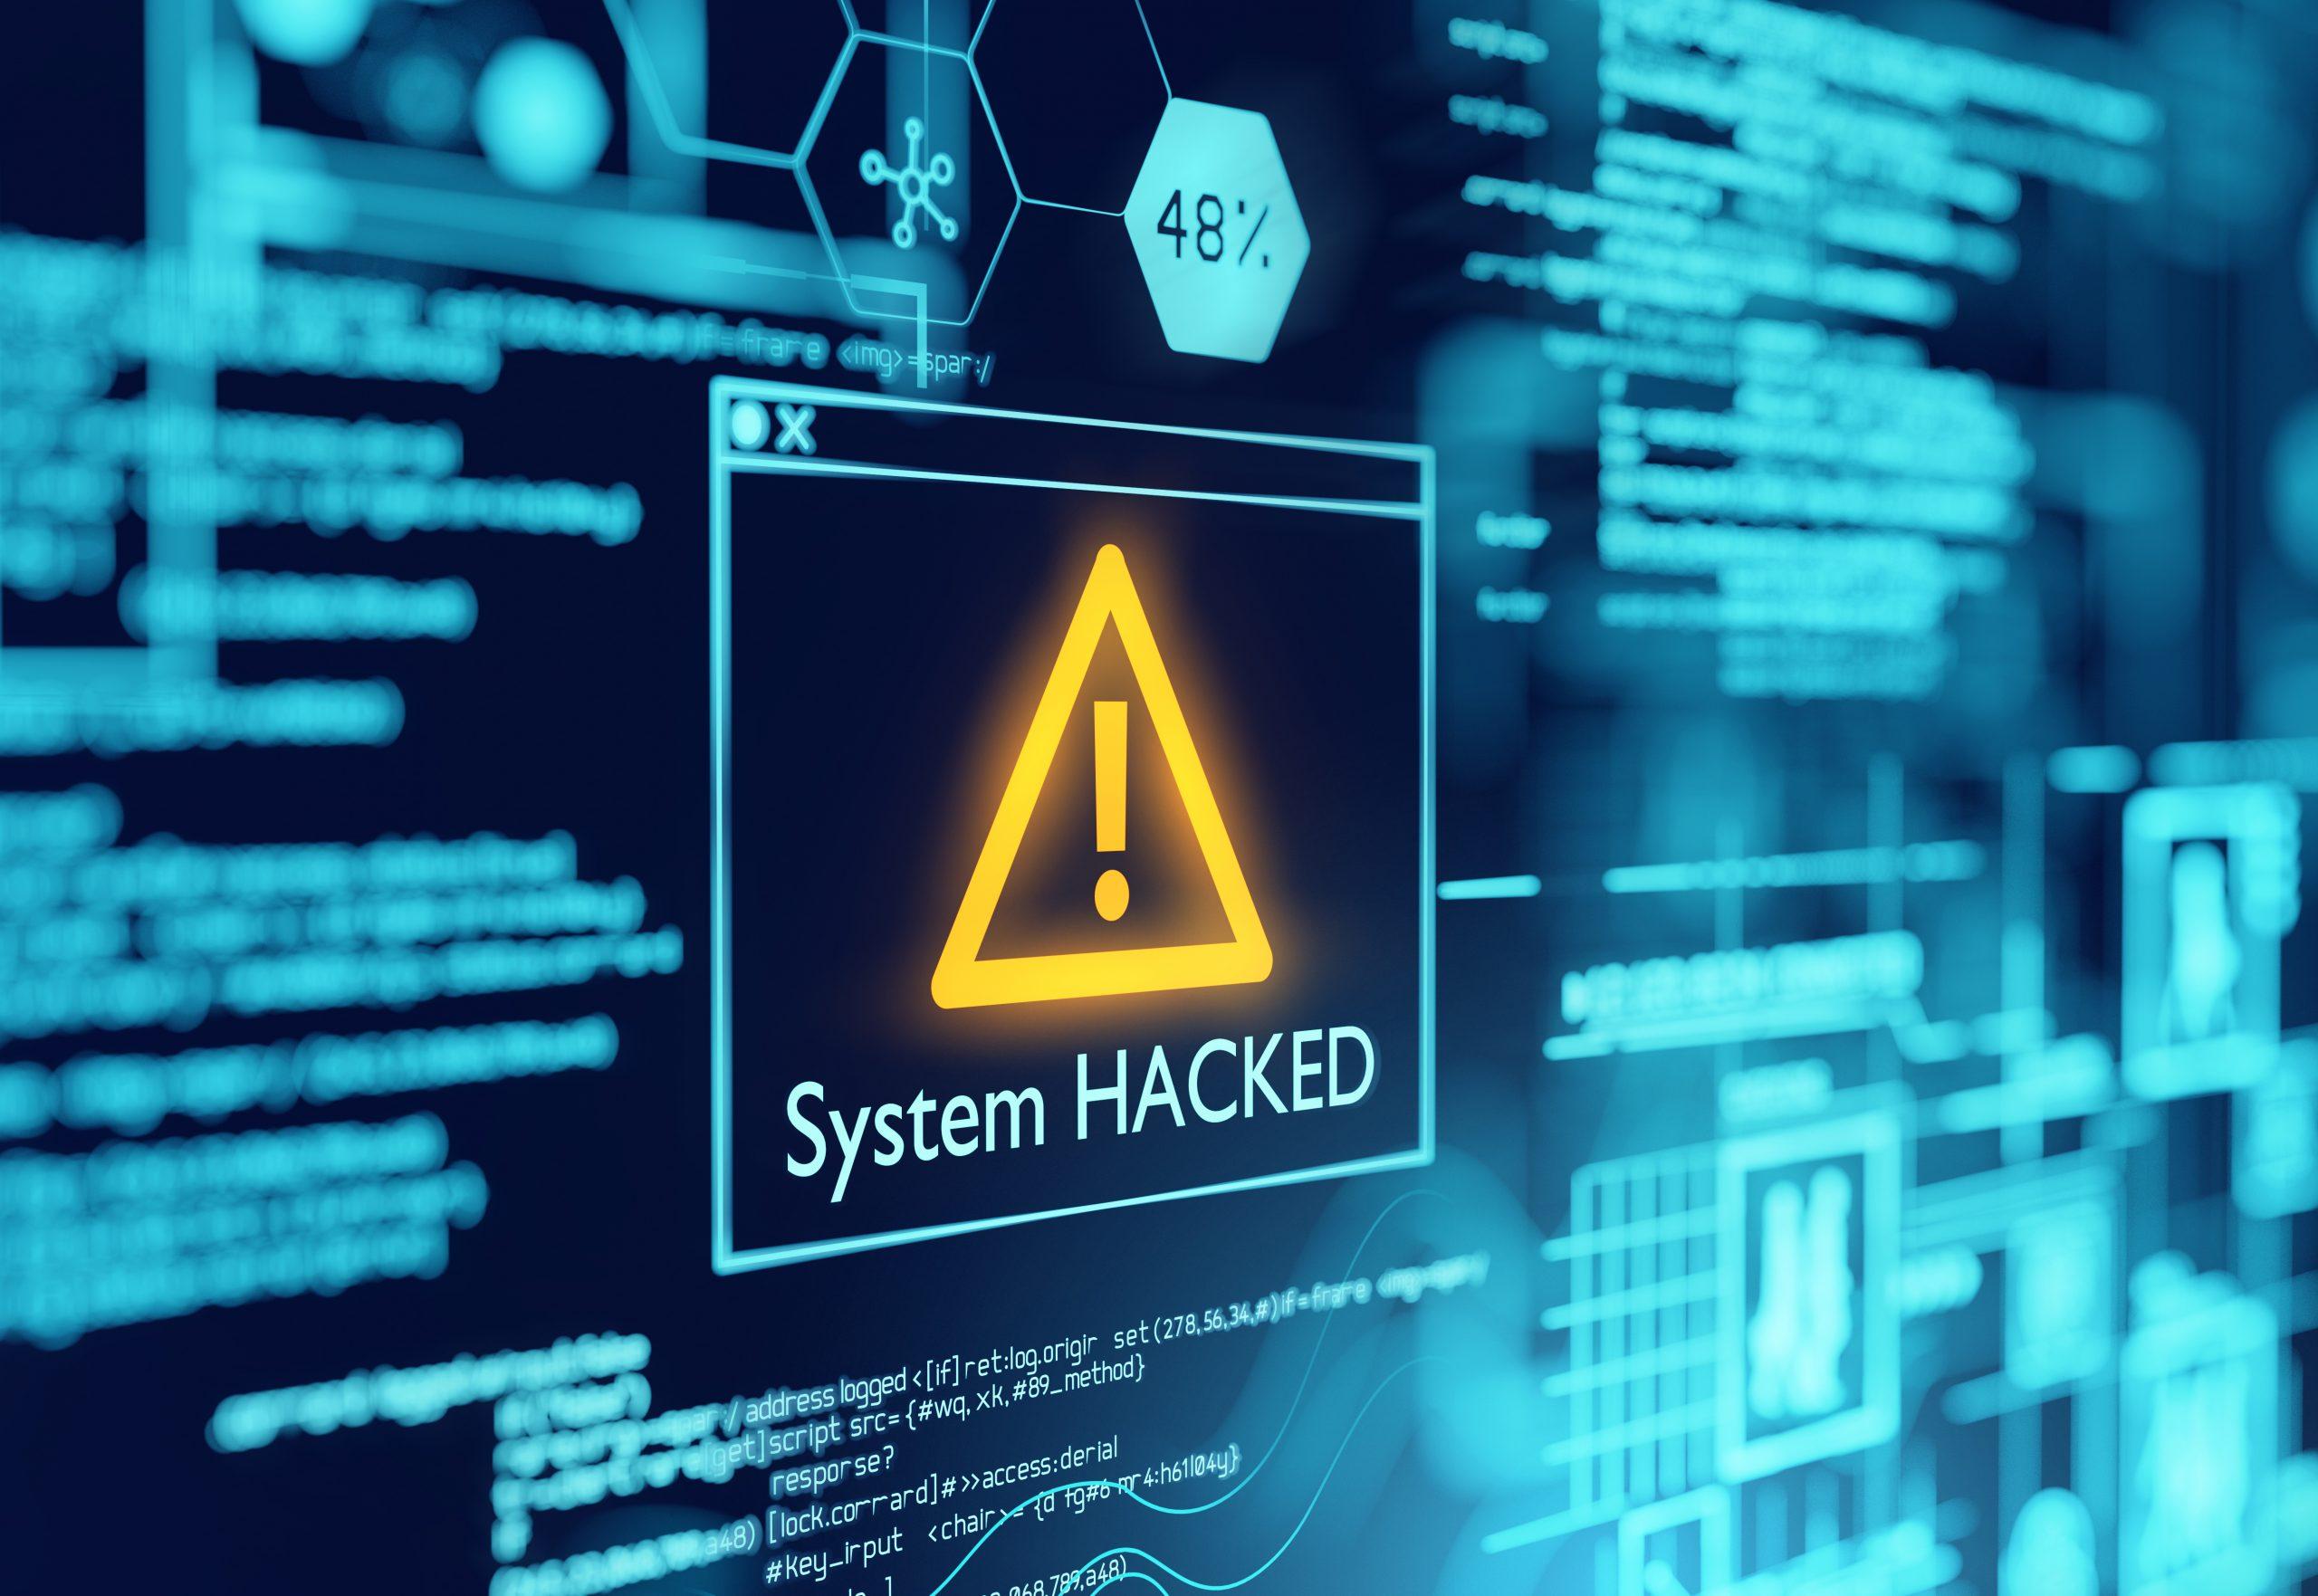 Cyberangriffe auf deutsche Industrieunternehmen in 2020